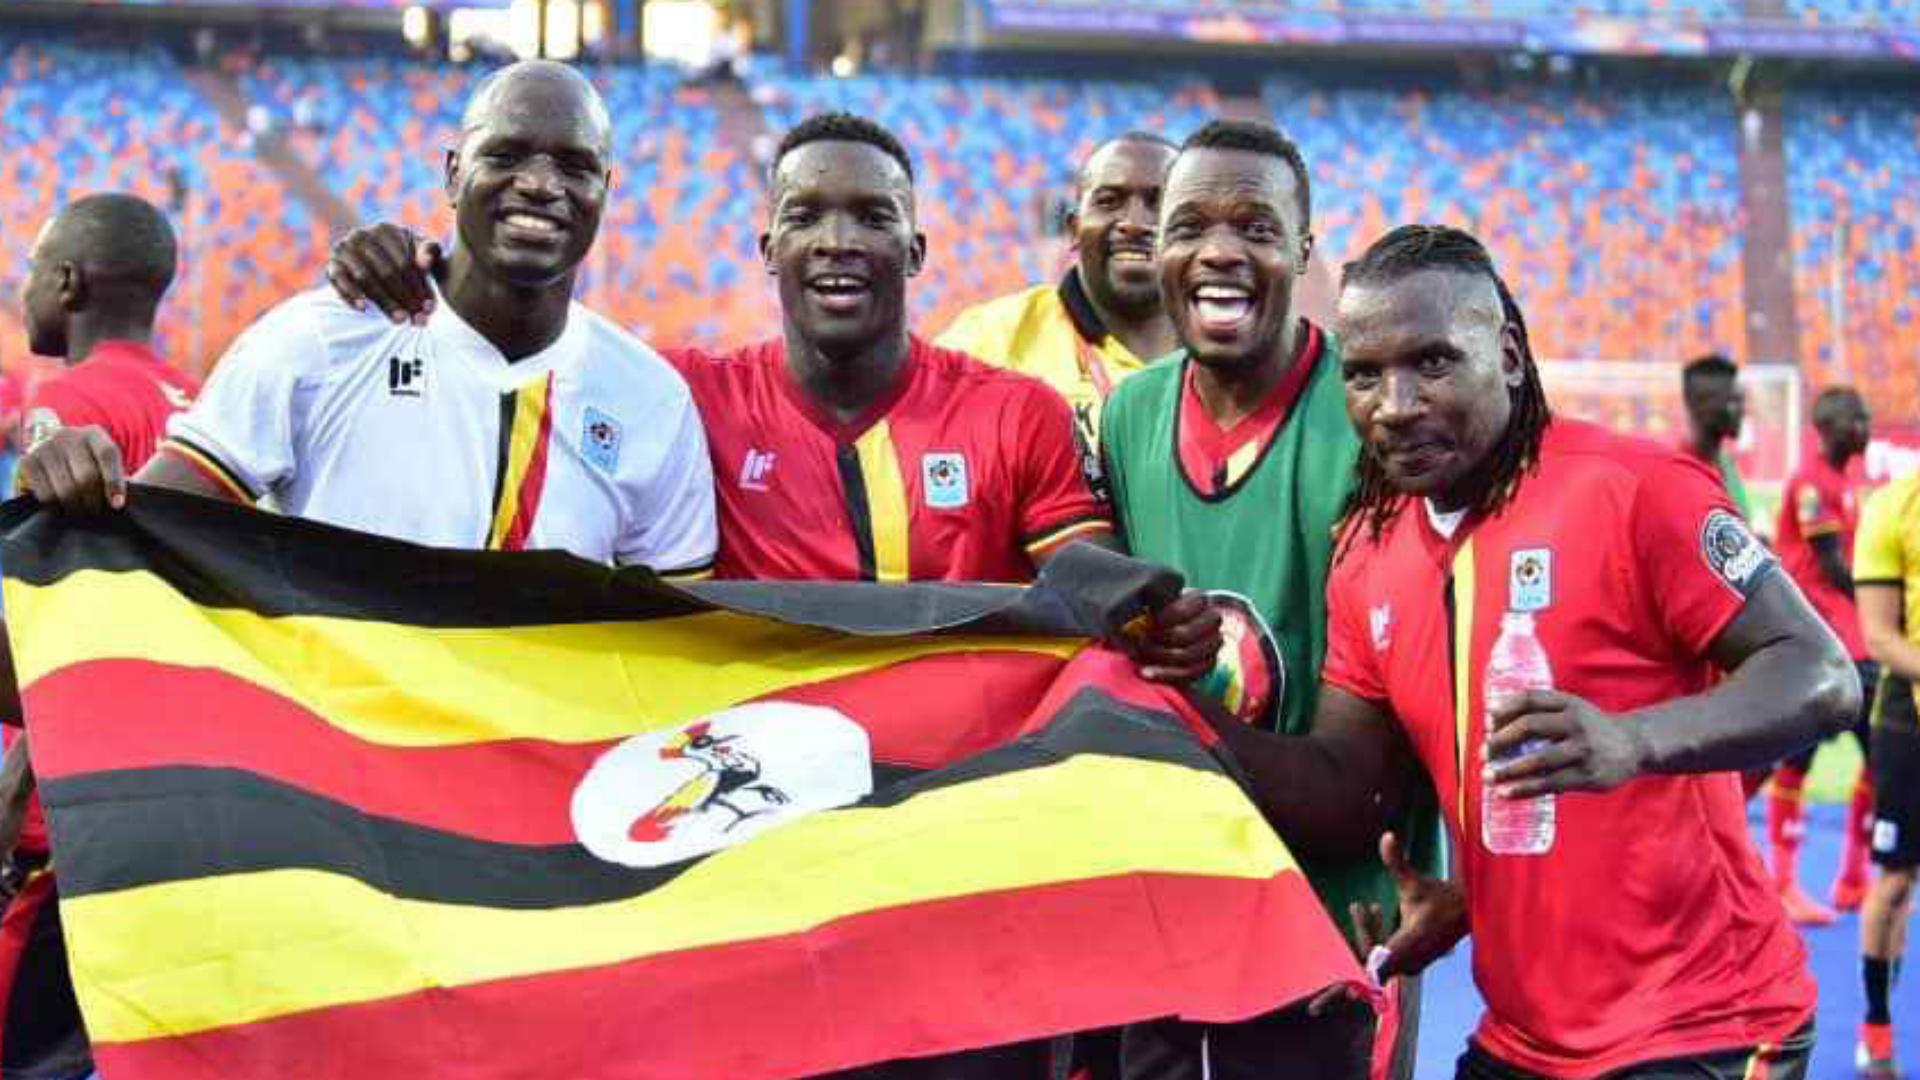 Uganda v Zimbabwe: Cranes captain Onyango ready for familiar foes